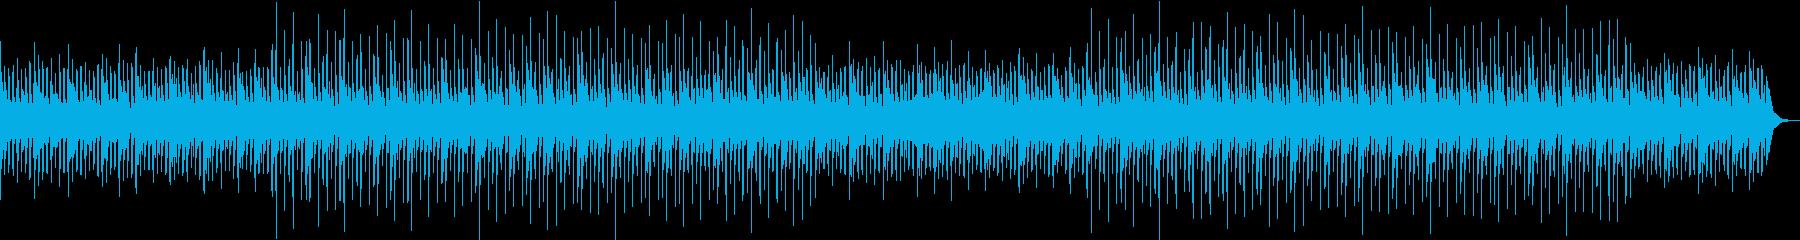 ギター・ビジネスプレゼン・スタイリッシュの再生済みの波形